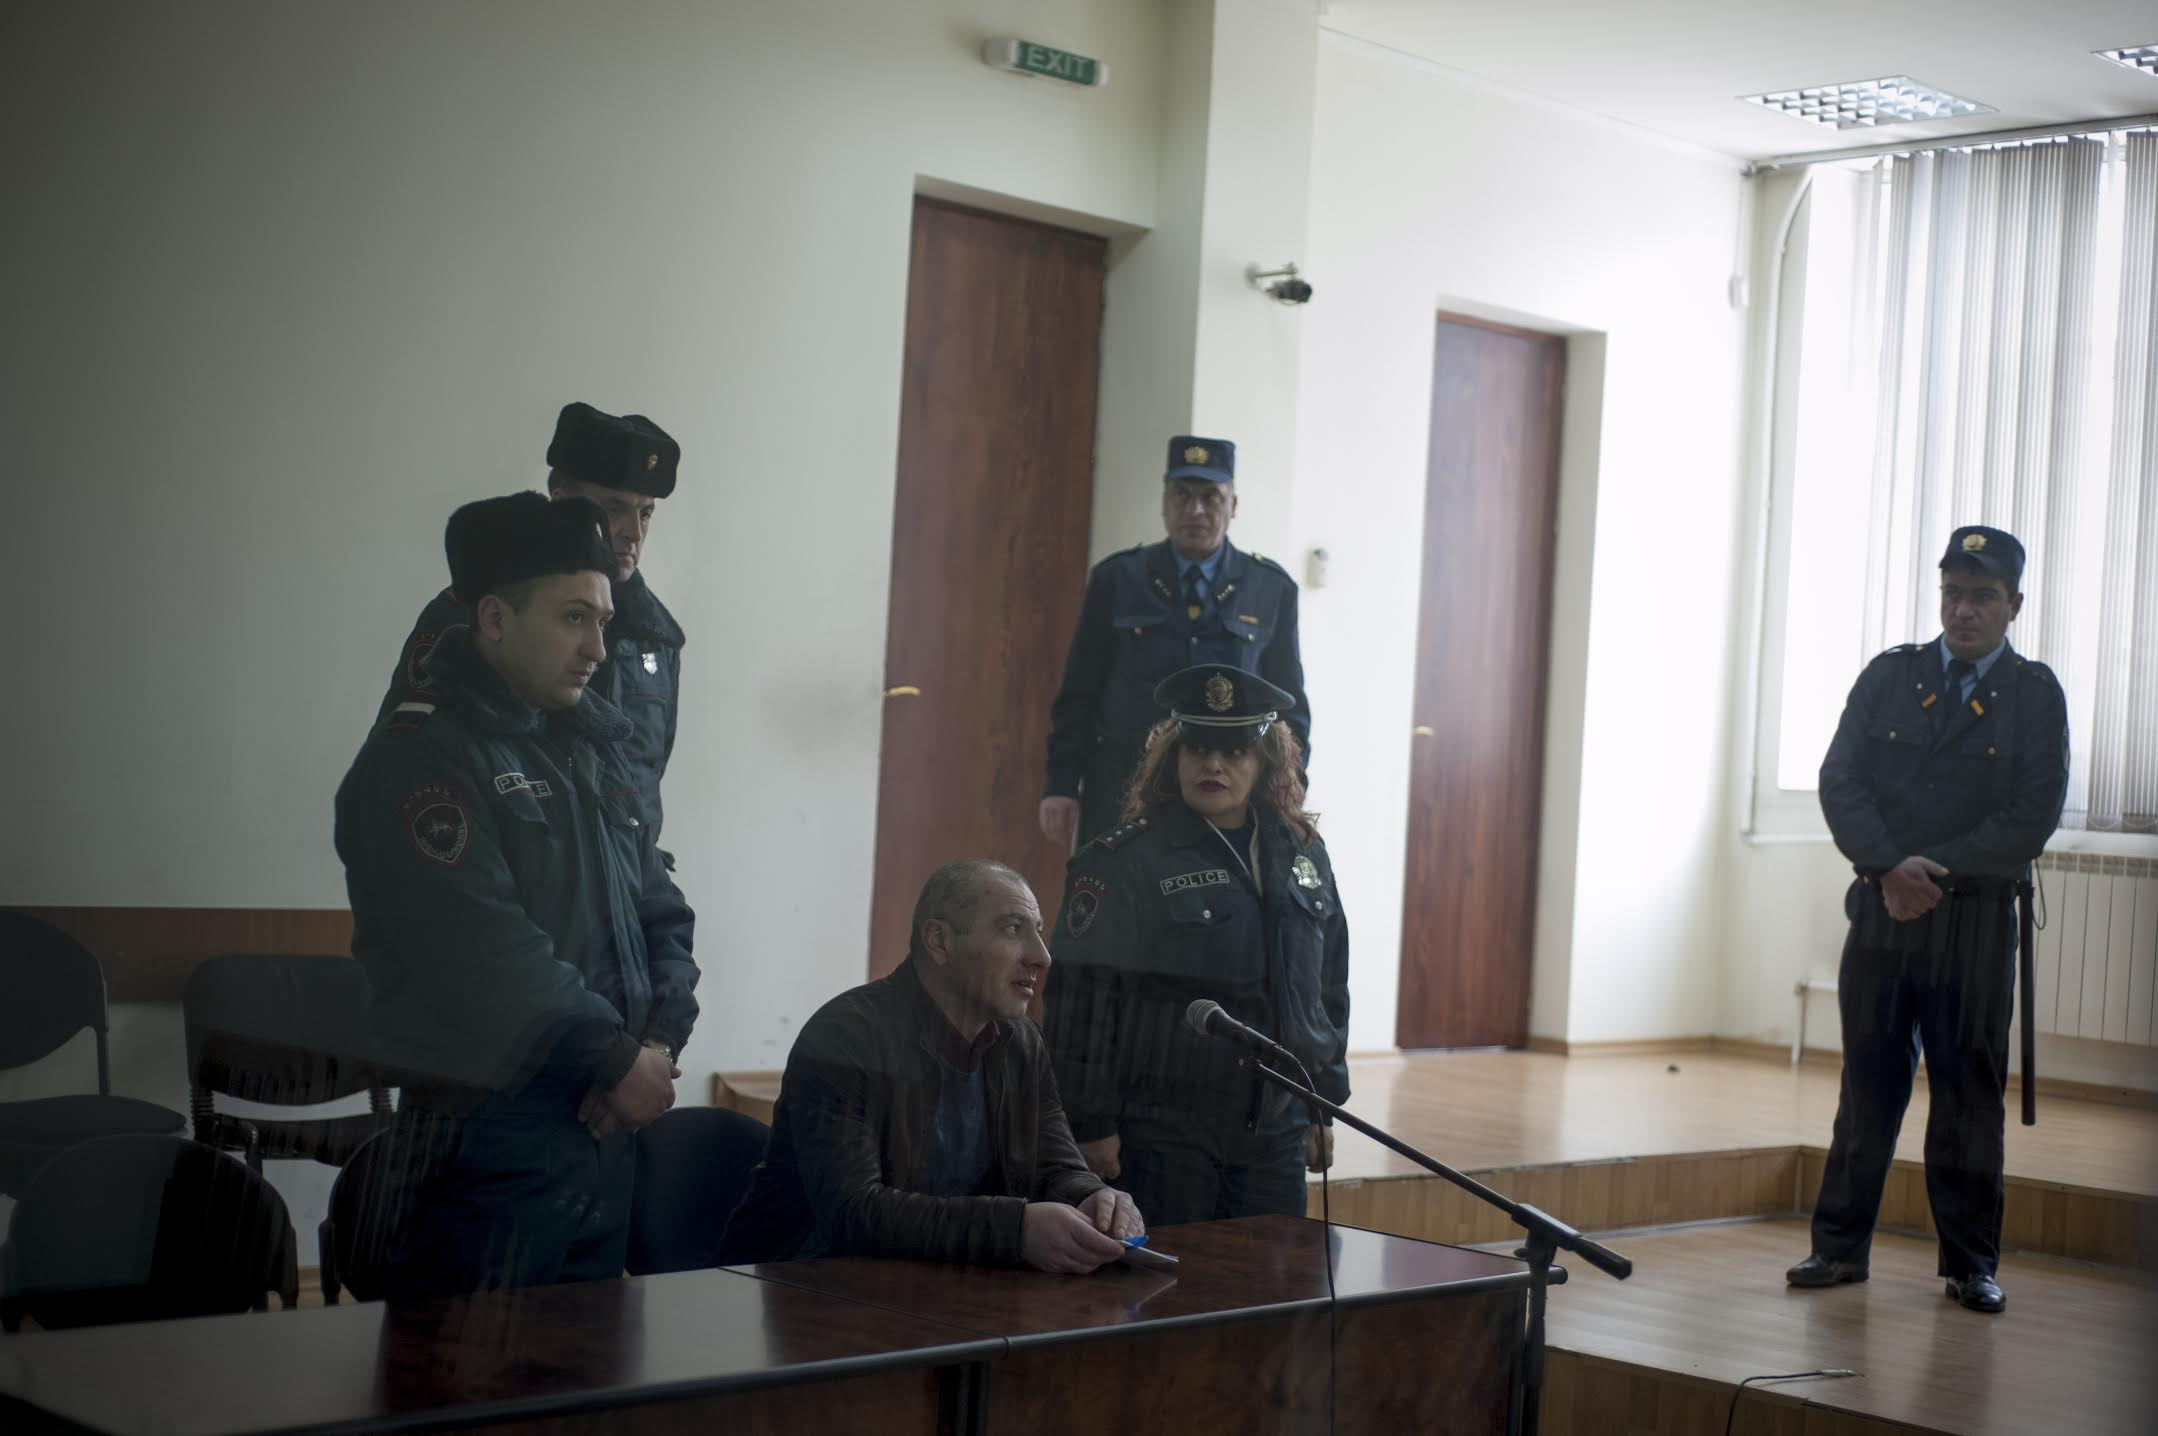 Первое слушание в суде над Владиком Мартиросяном. Дело было отложено после обращения к народному защитнику. (Nazik Armenakyan)